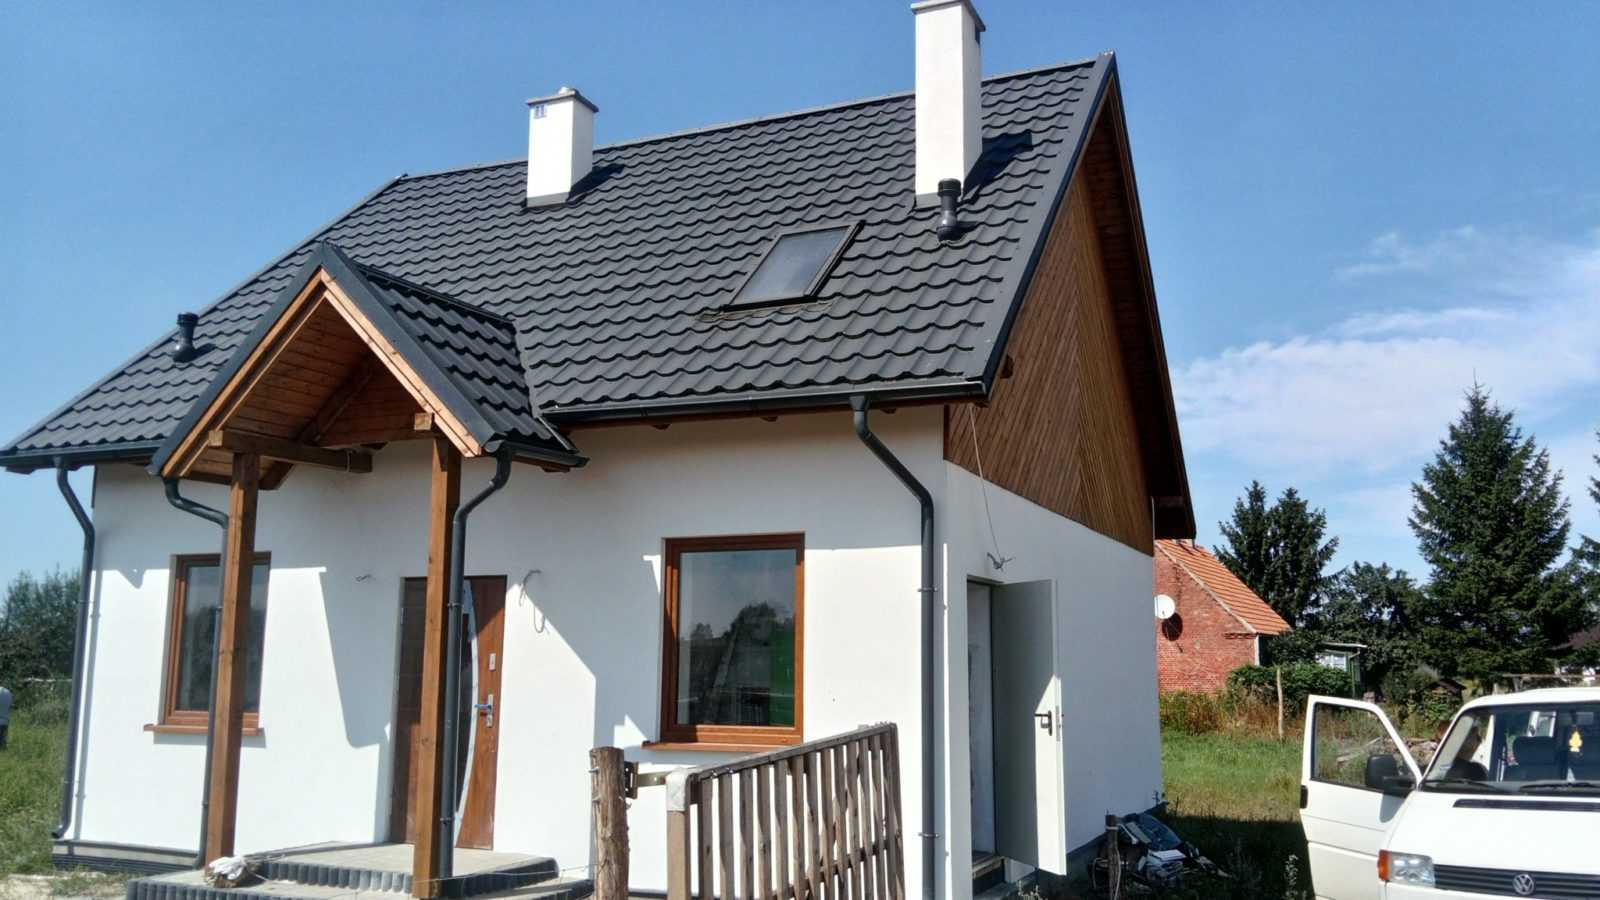 domy drewniane szeregowe energooszczedne pasywne domy gora (1)